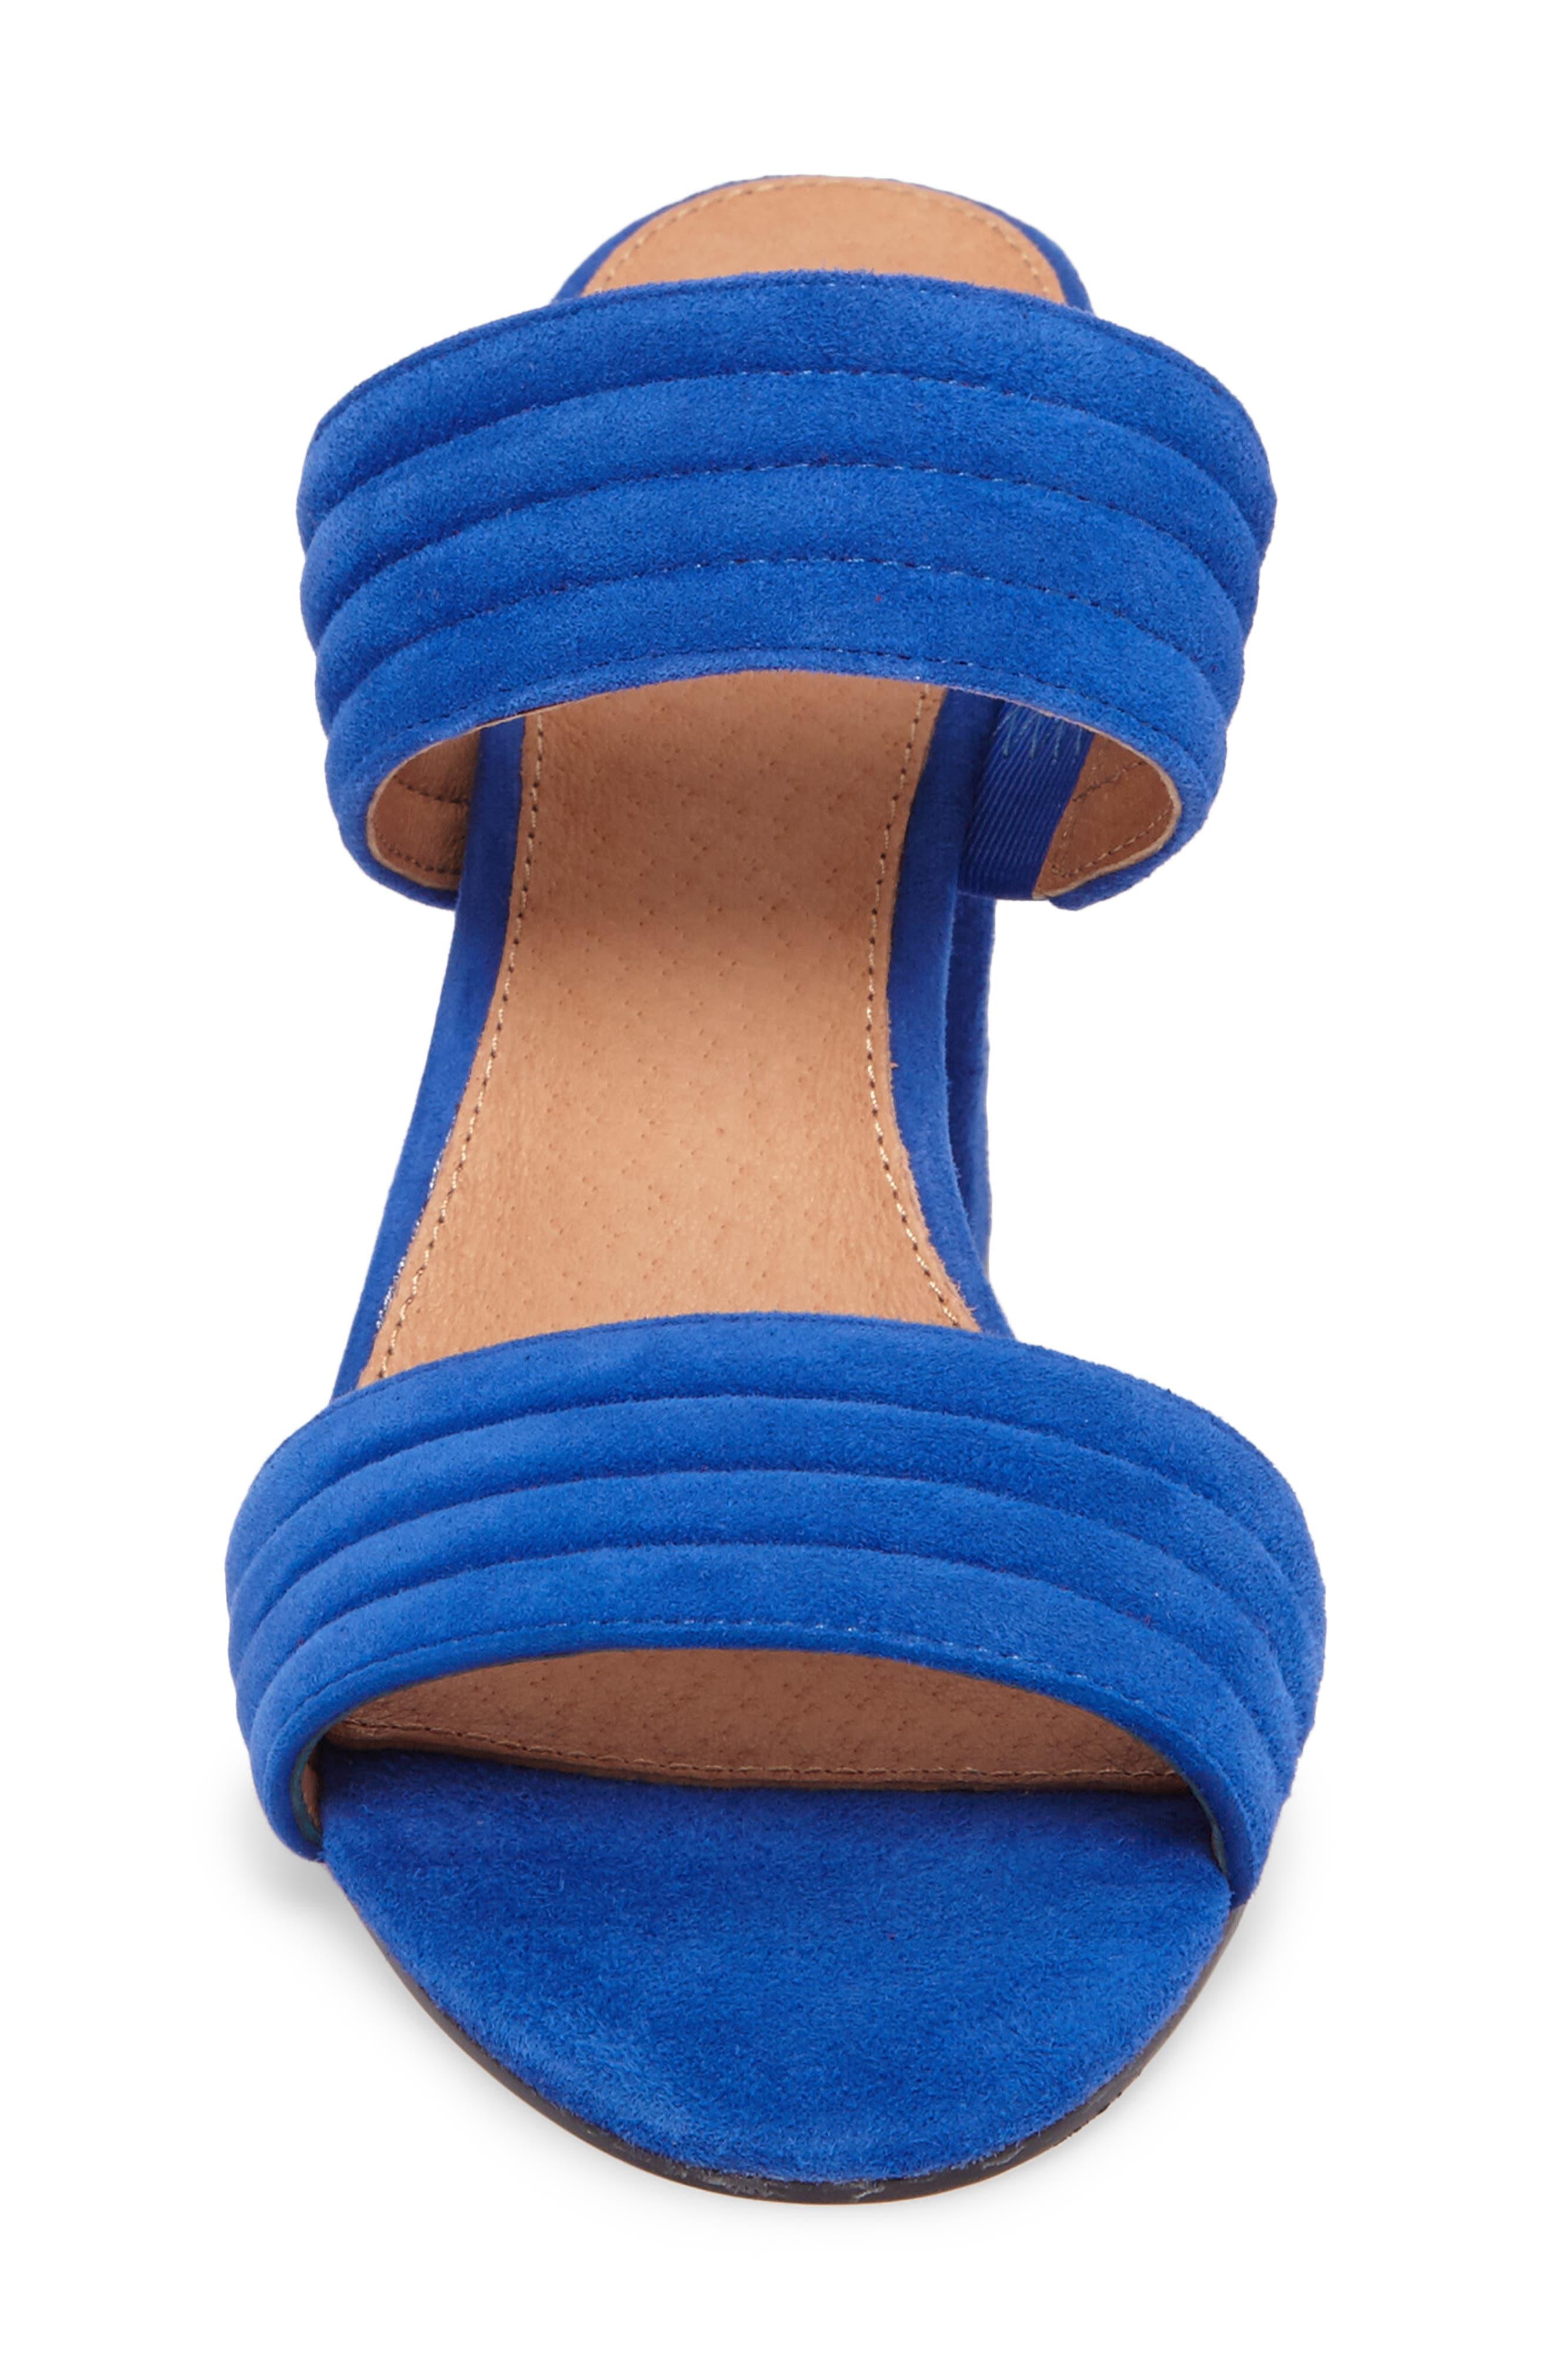 Della Slide Sandal,                             Alternate thumbnail 4, color,                             Cobalt Suede